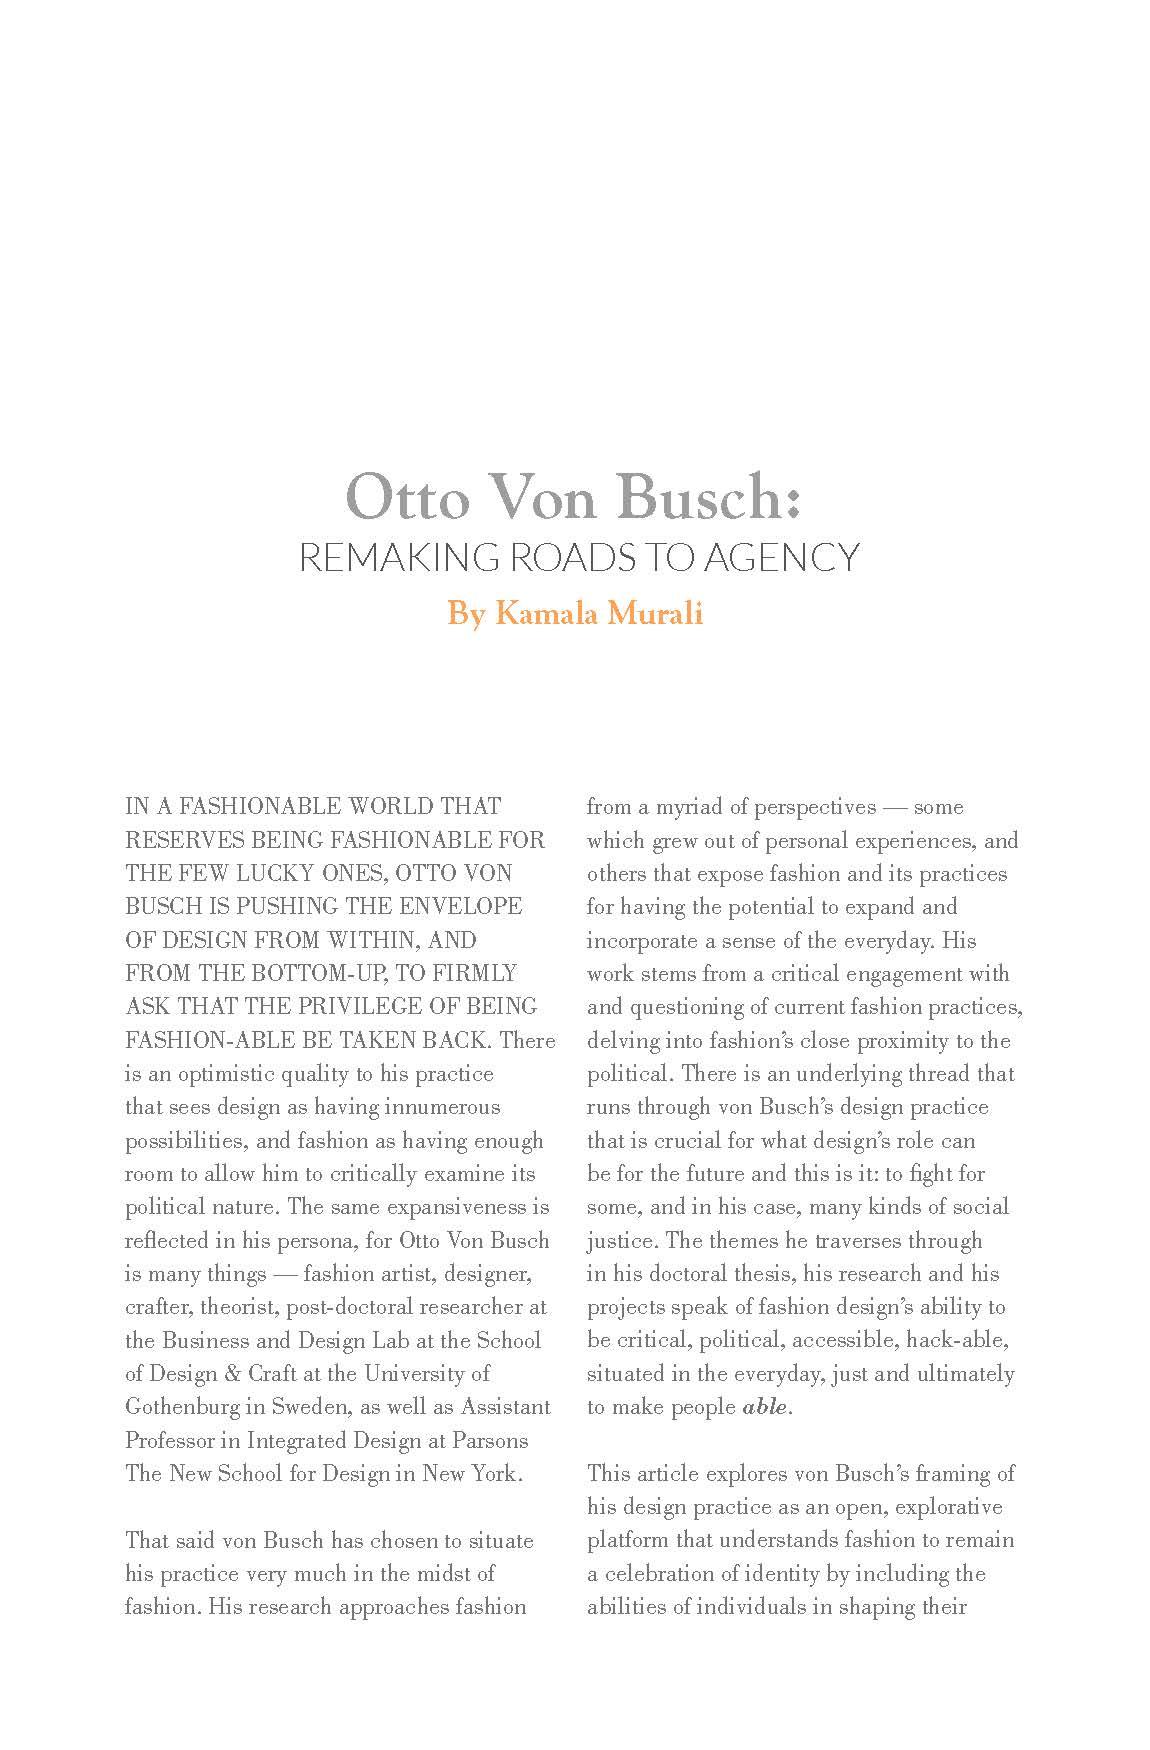 Otto Von Busch- REMAKING ROADS TO AGENCY_Page_1